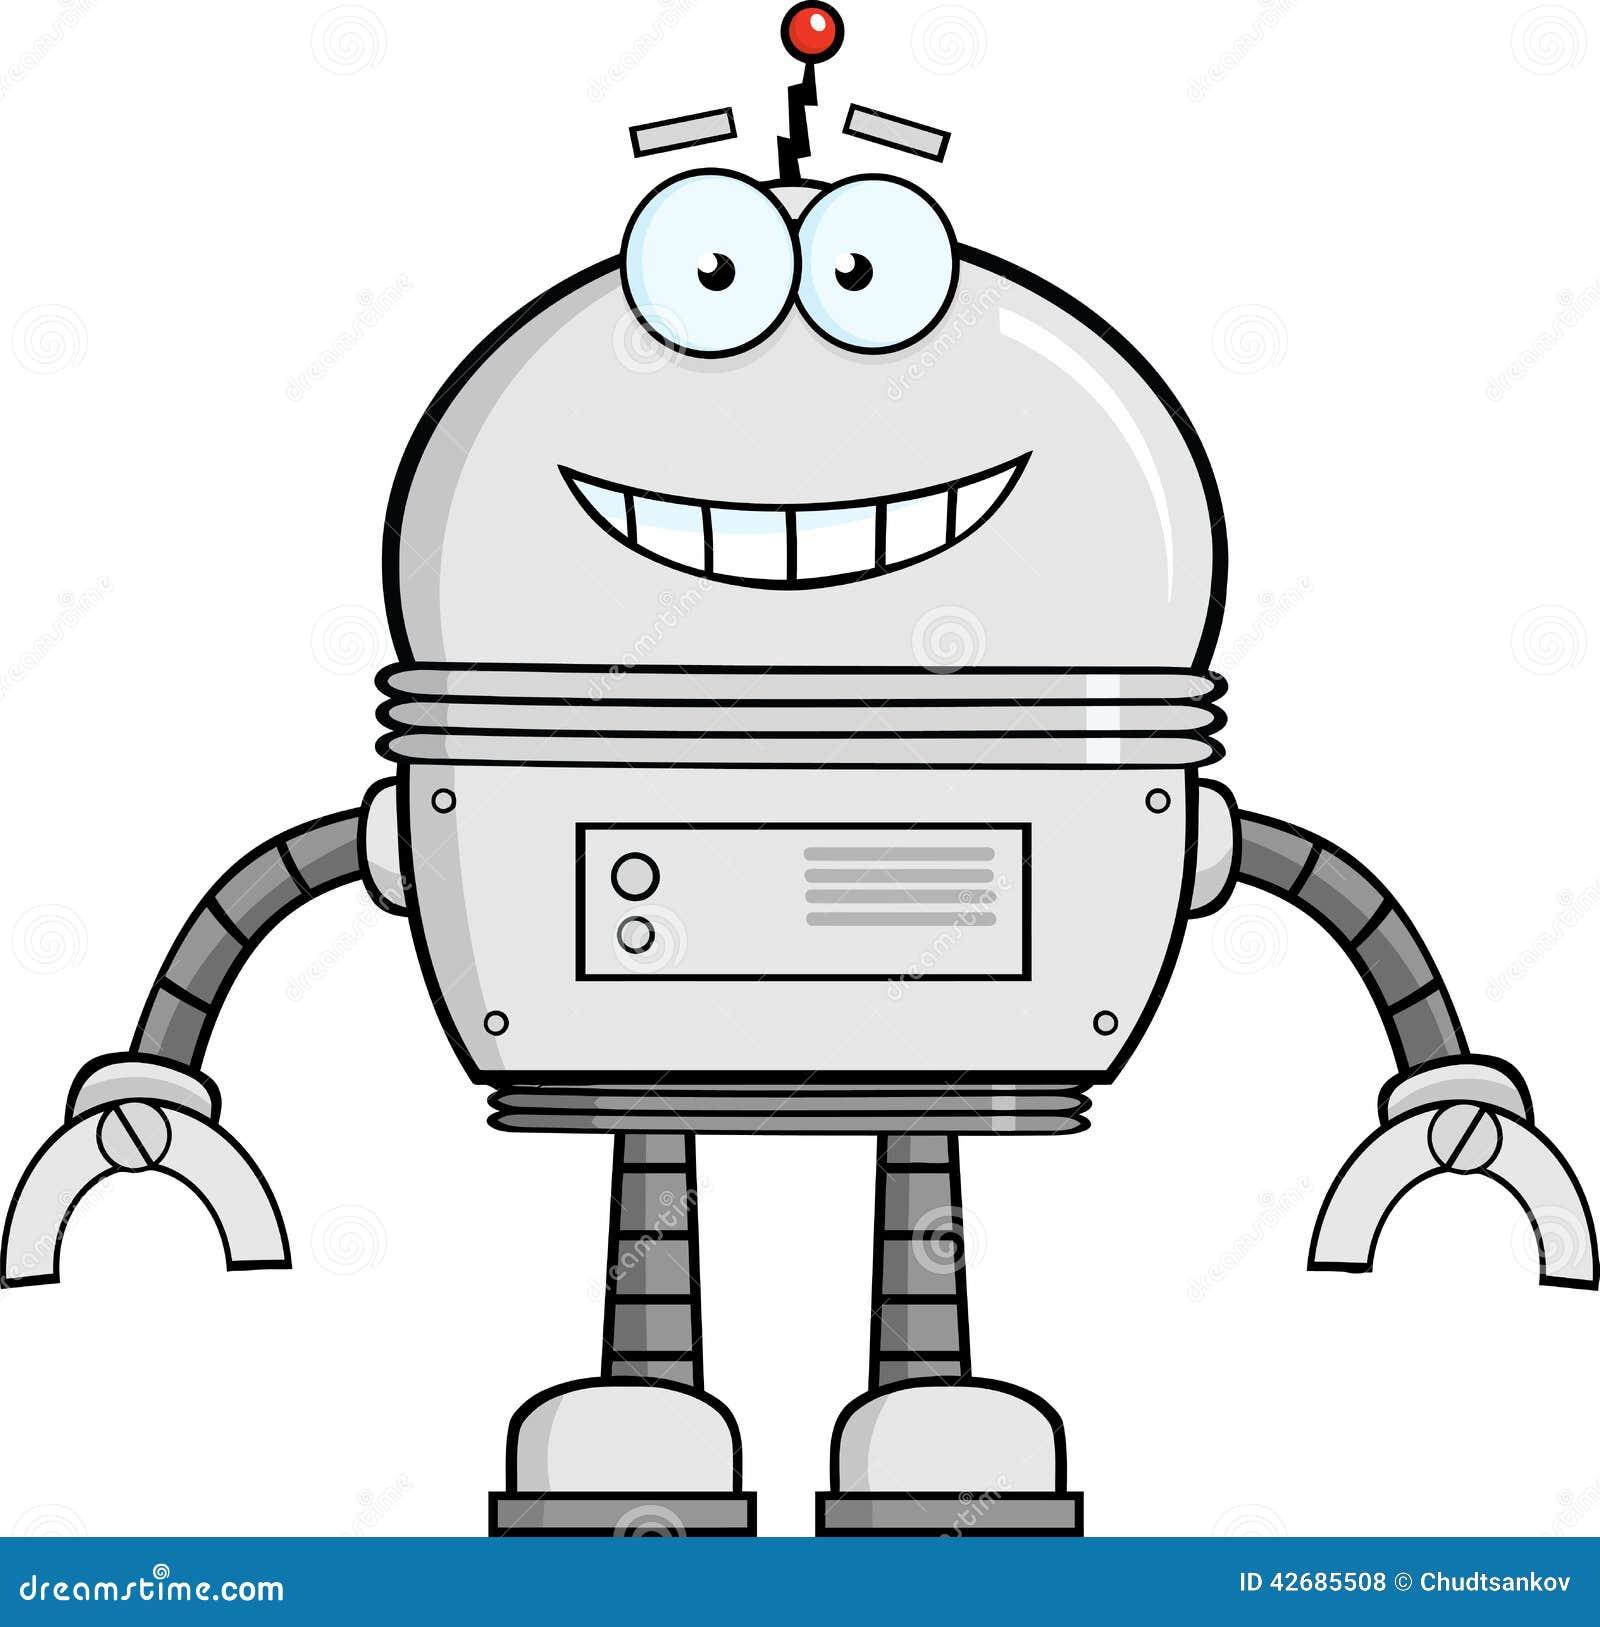 微笑的机器人漫画人物